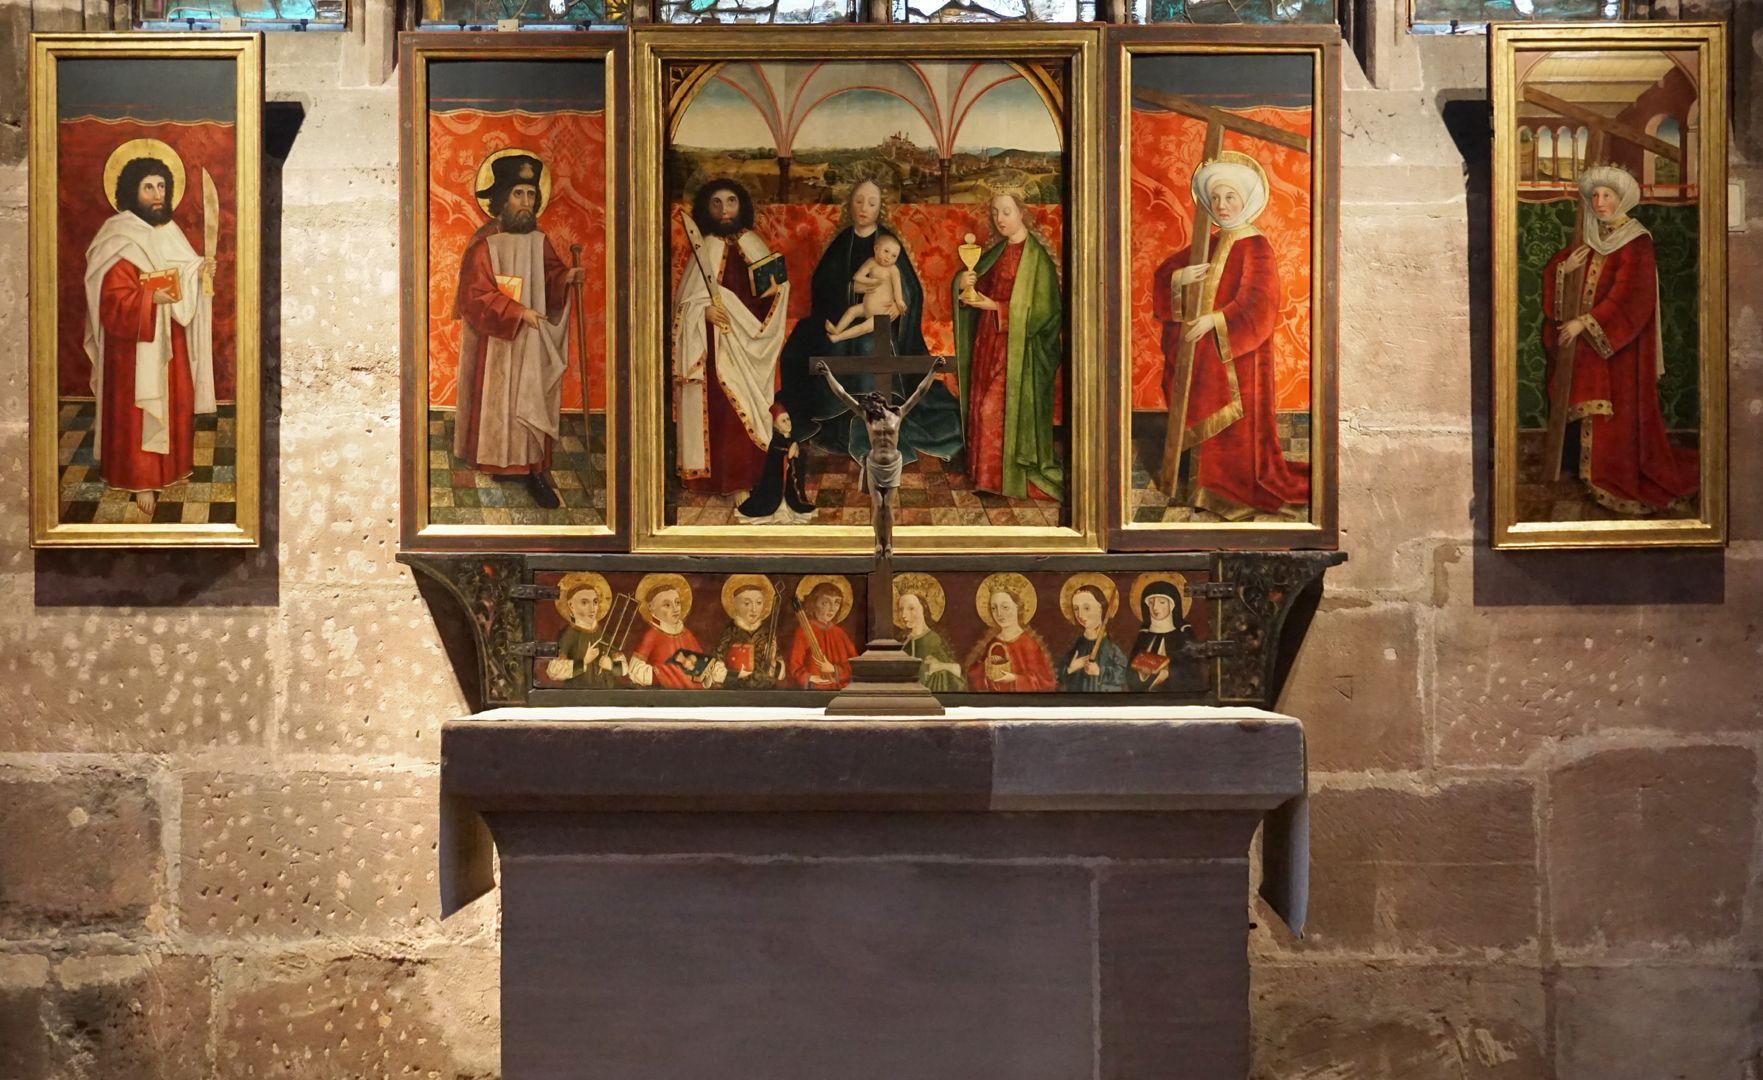 Krell-Altar Aufgeklappter Altar mit separat gehängten äußeren Seitenflügeln